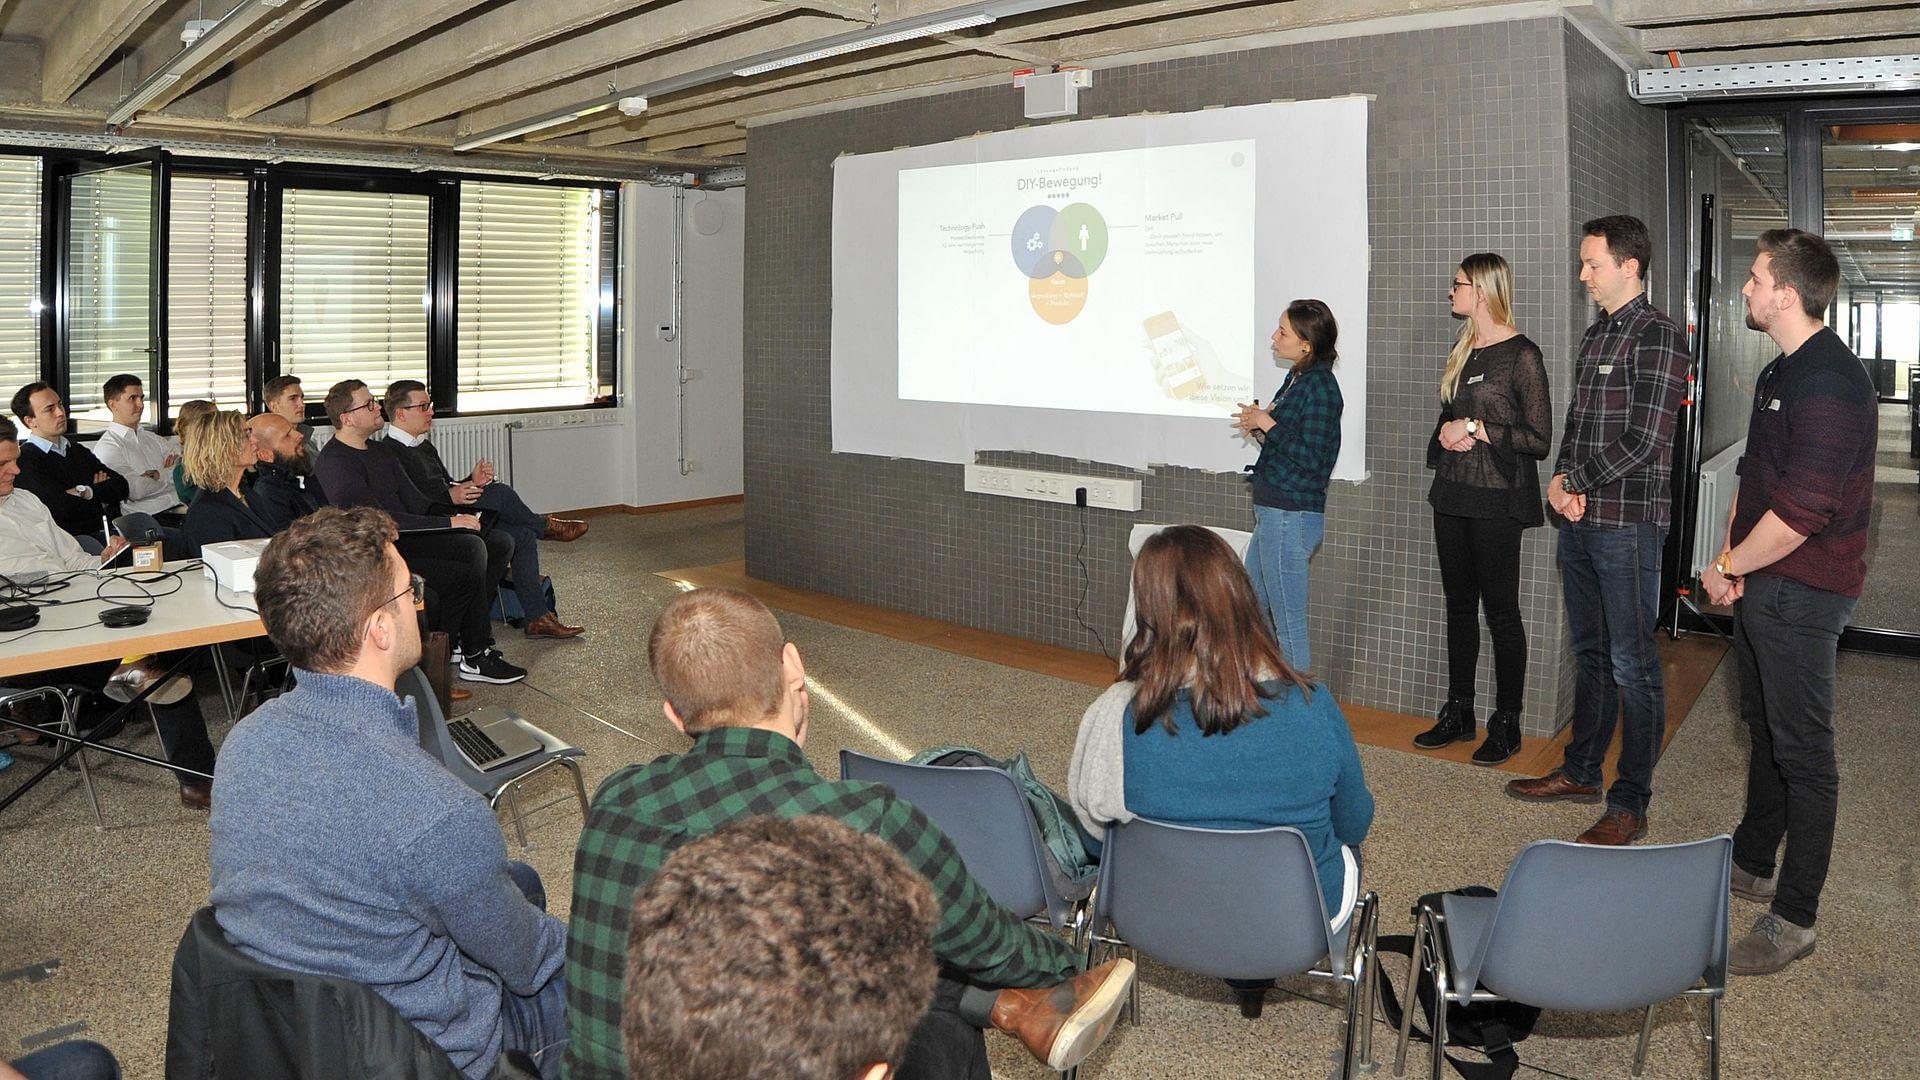 Studis coachen Mittelständler – gemeinsamer Workshop von Mitarbeitern der KOCH Pac-Systeme GmbH mit Studierenden der Hochschule Karlsruhe